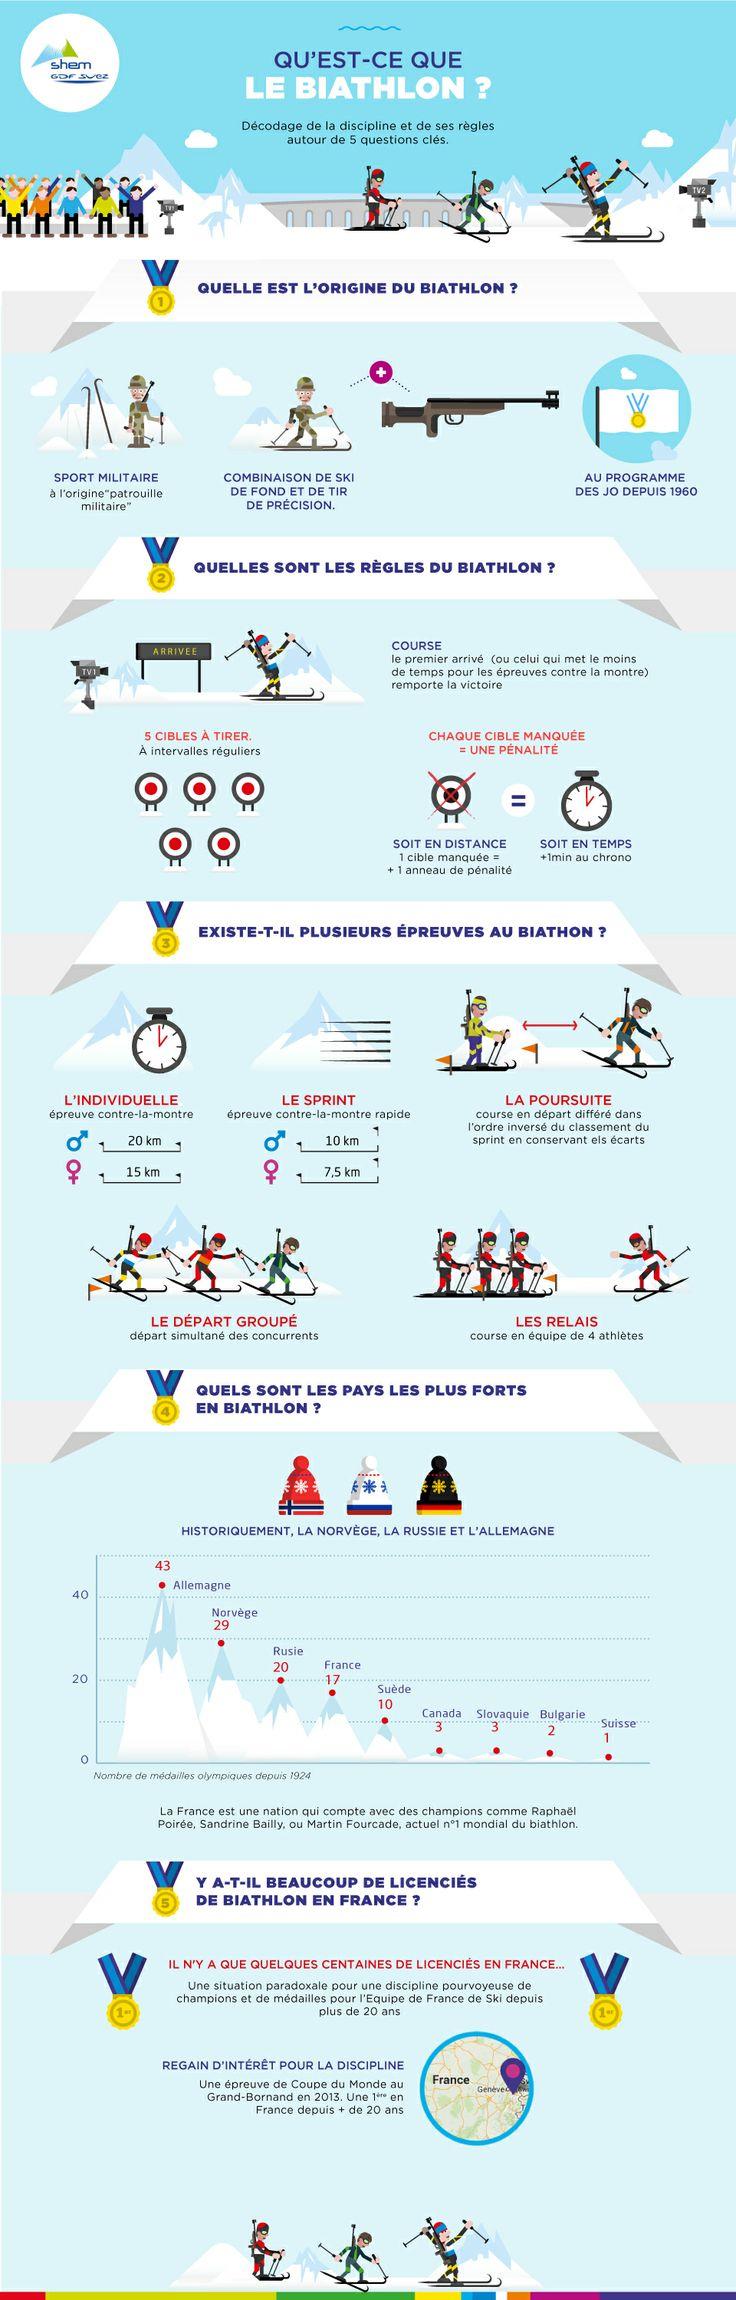 Qu'est-ce que le Biathlon en 5 questions. https://www.gdfsuez.com/breves/infographie-qu-est-ce-que-le-biathlon/